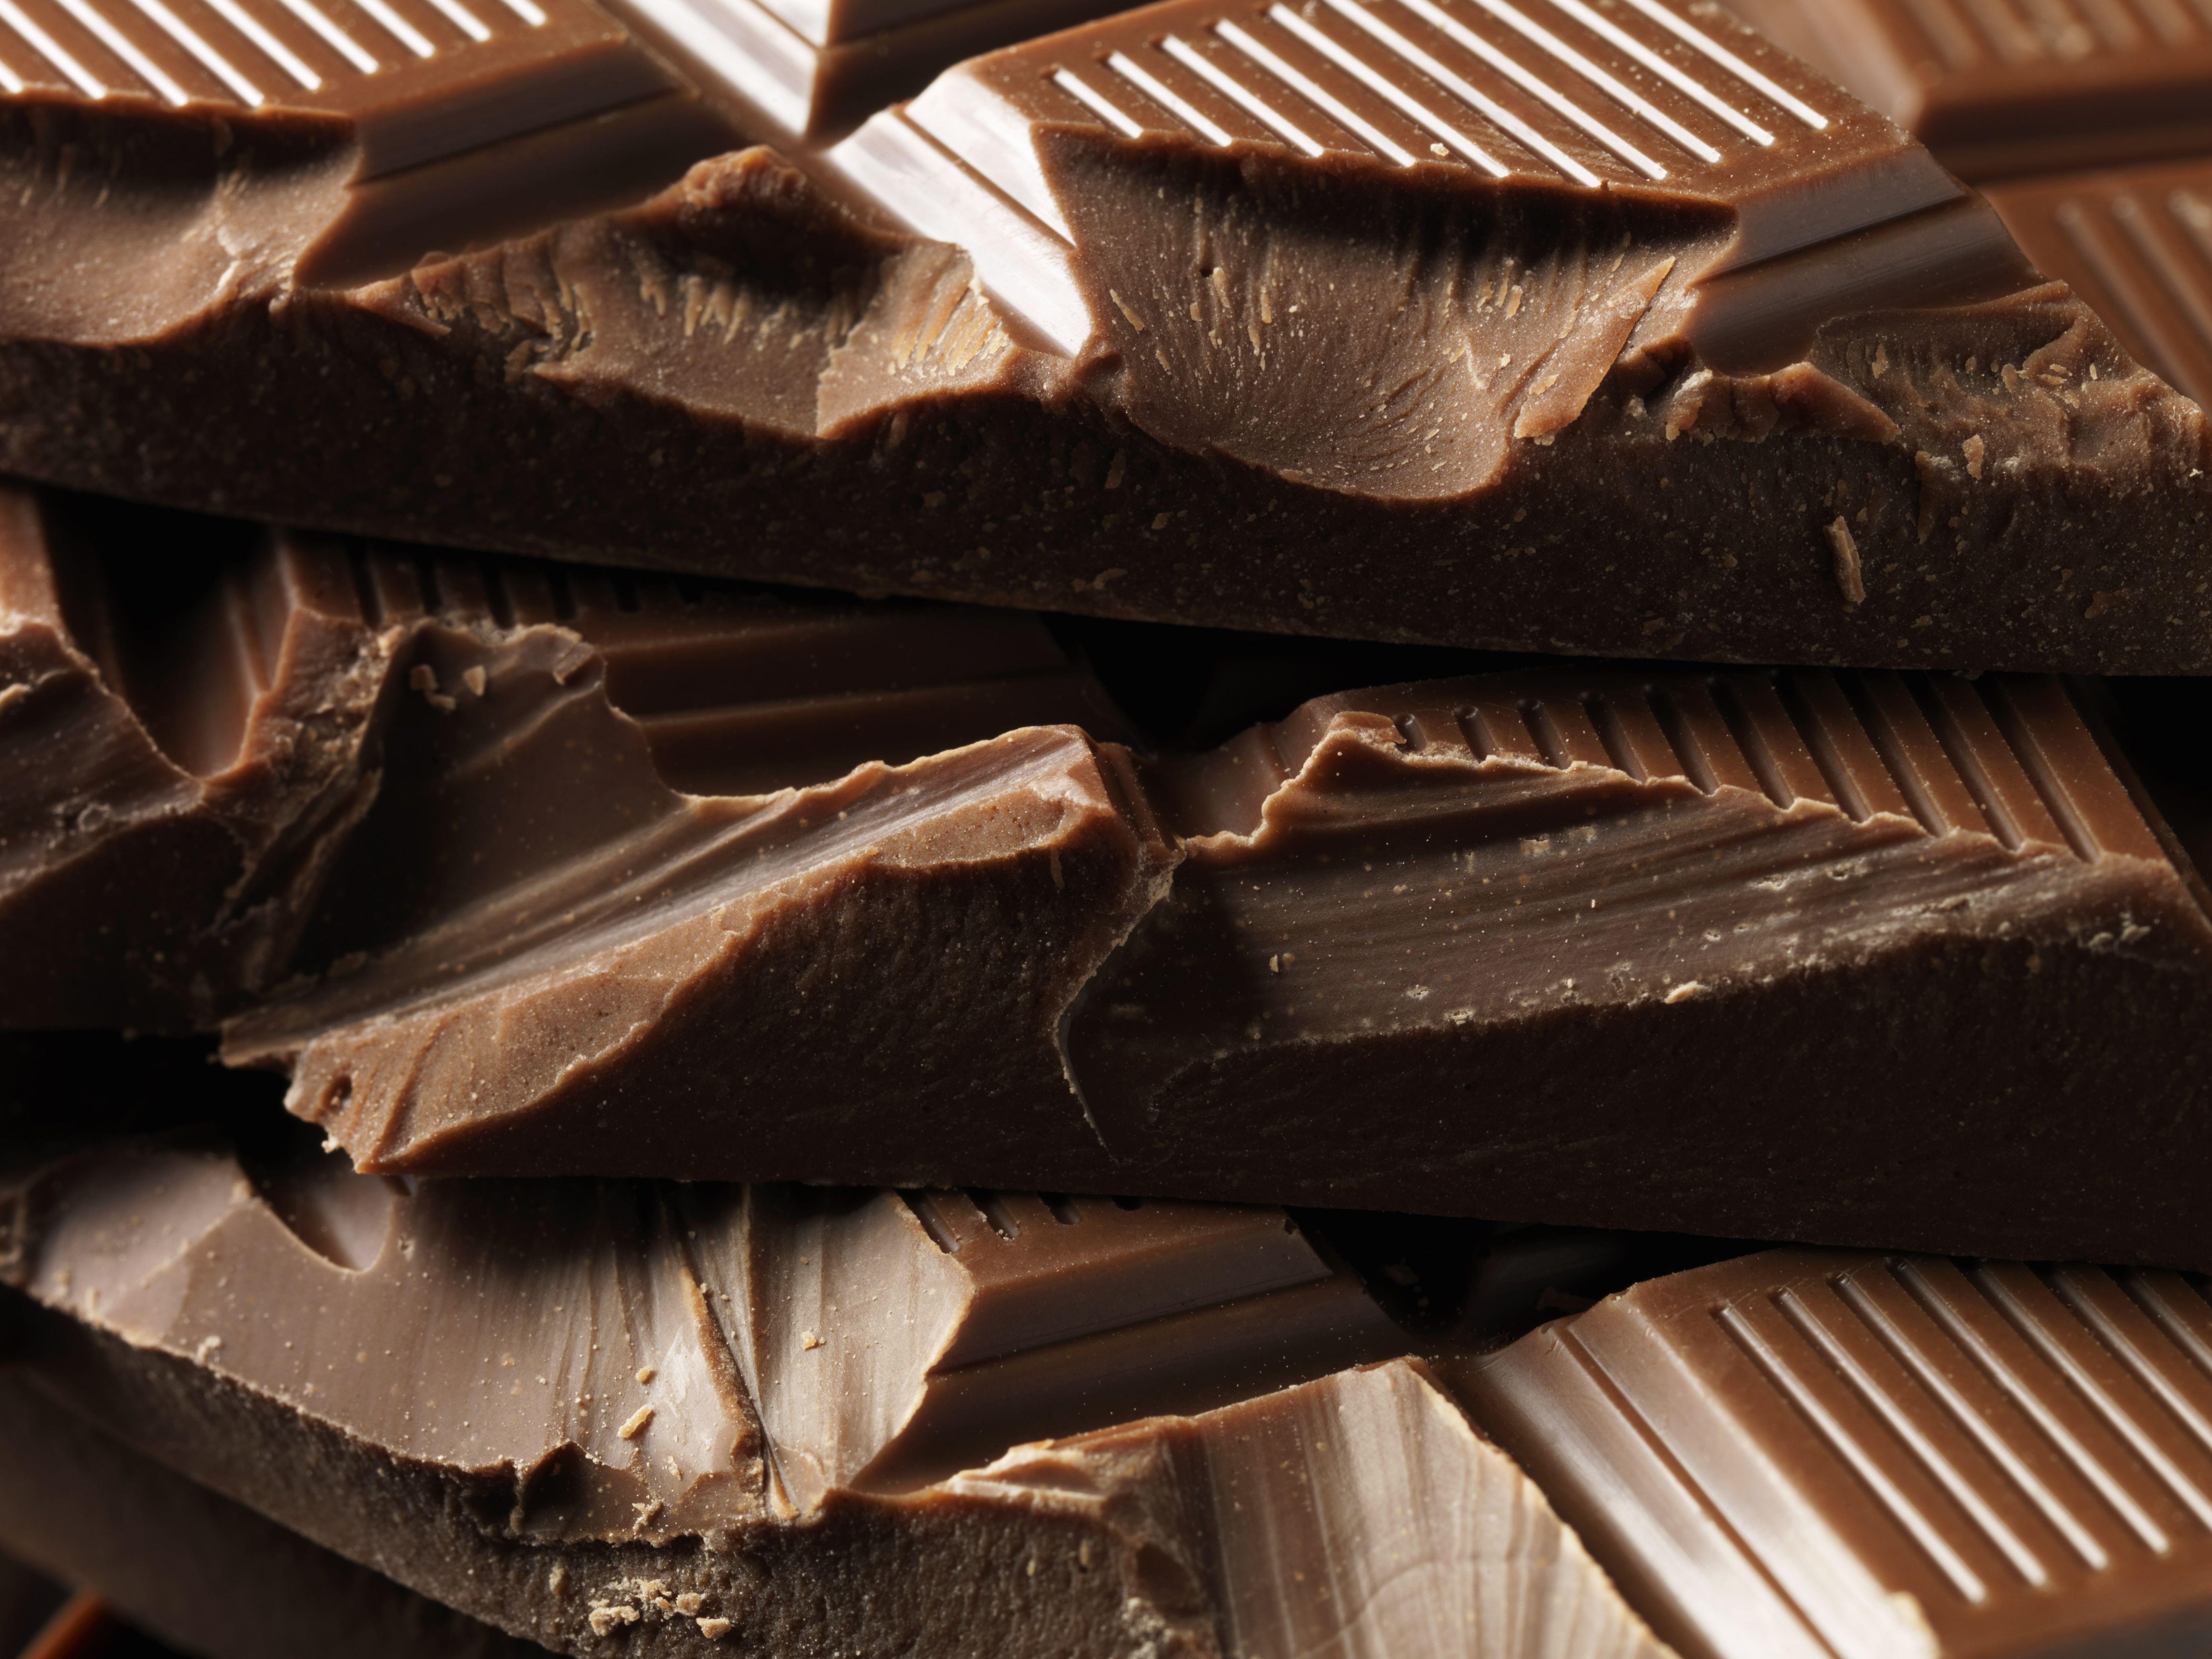 Forse inizia tutto da lì, dai cioccolatini di San Valentino 2020